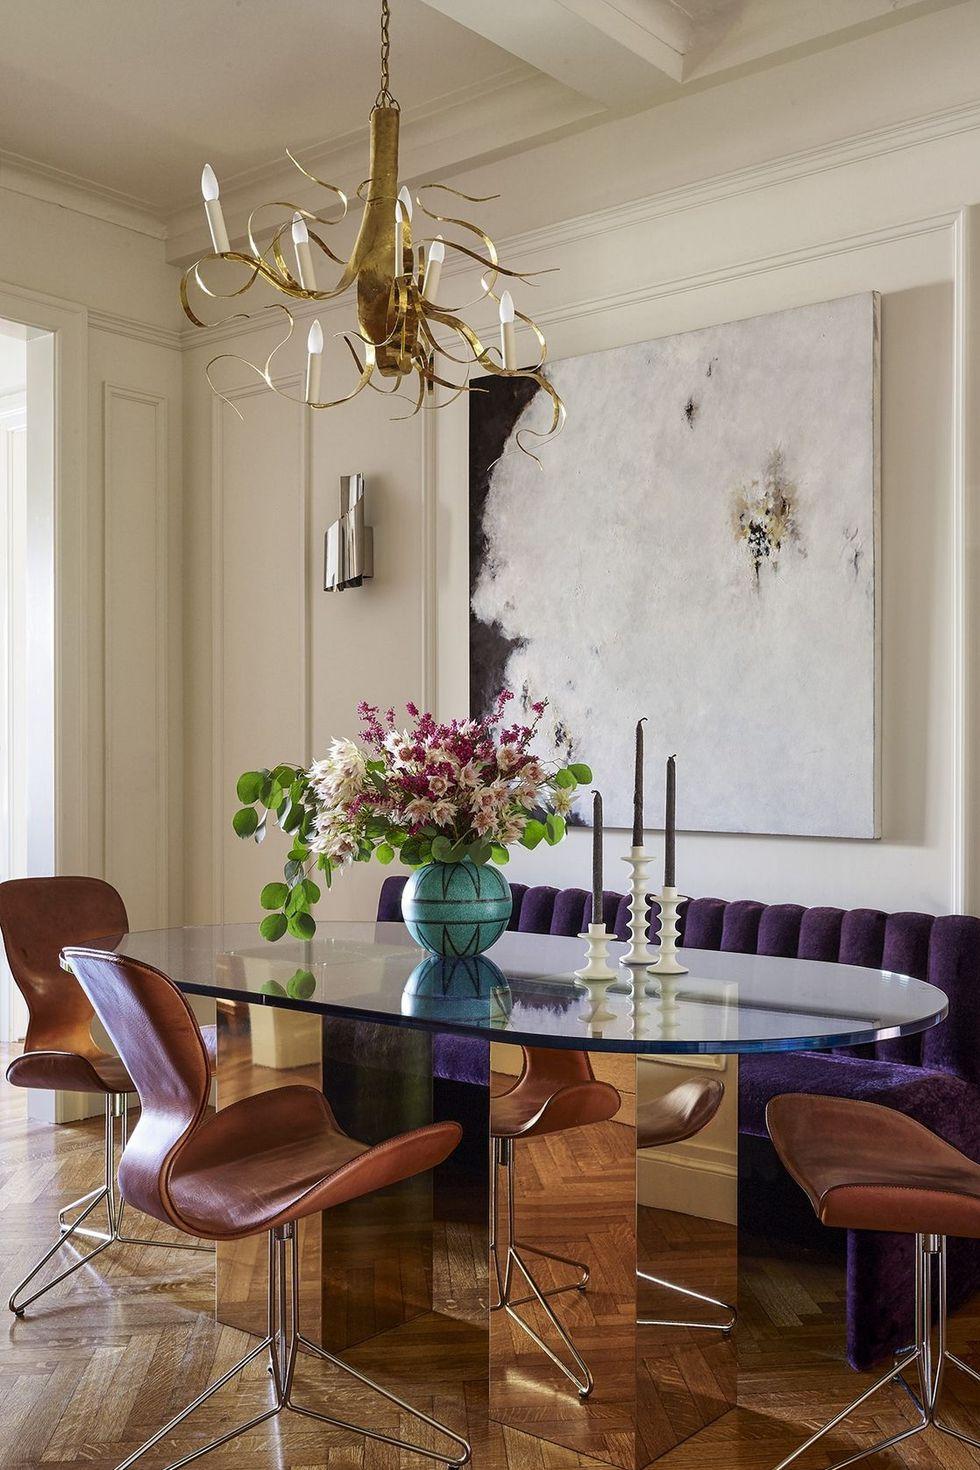 dining-room-light-fixtures-5-1502211540.jpg